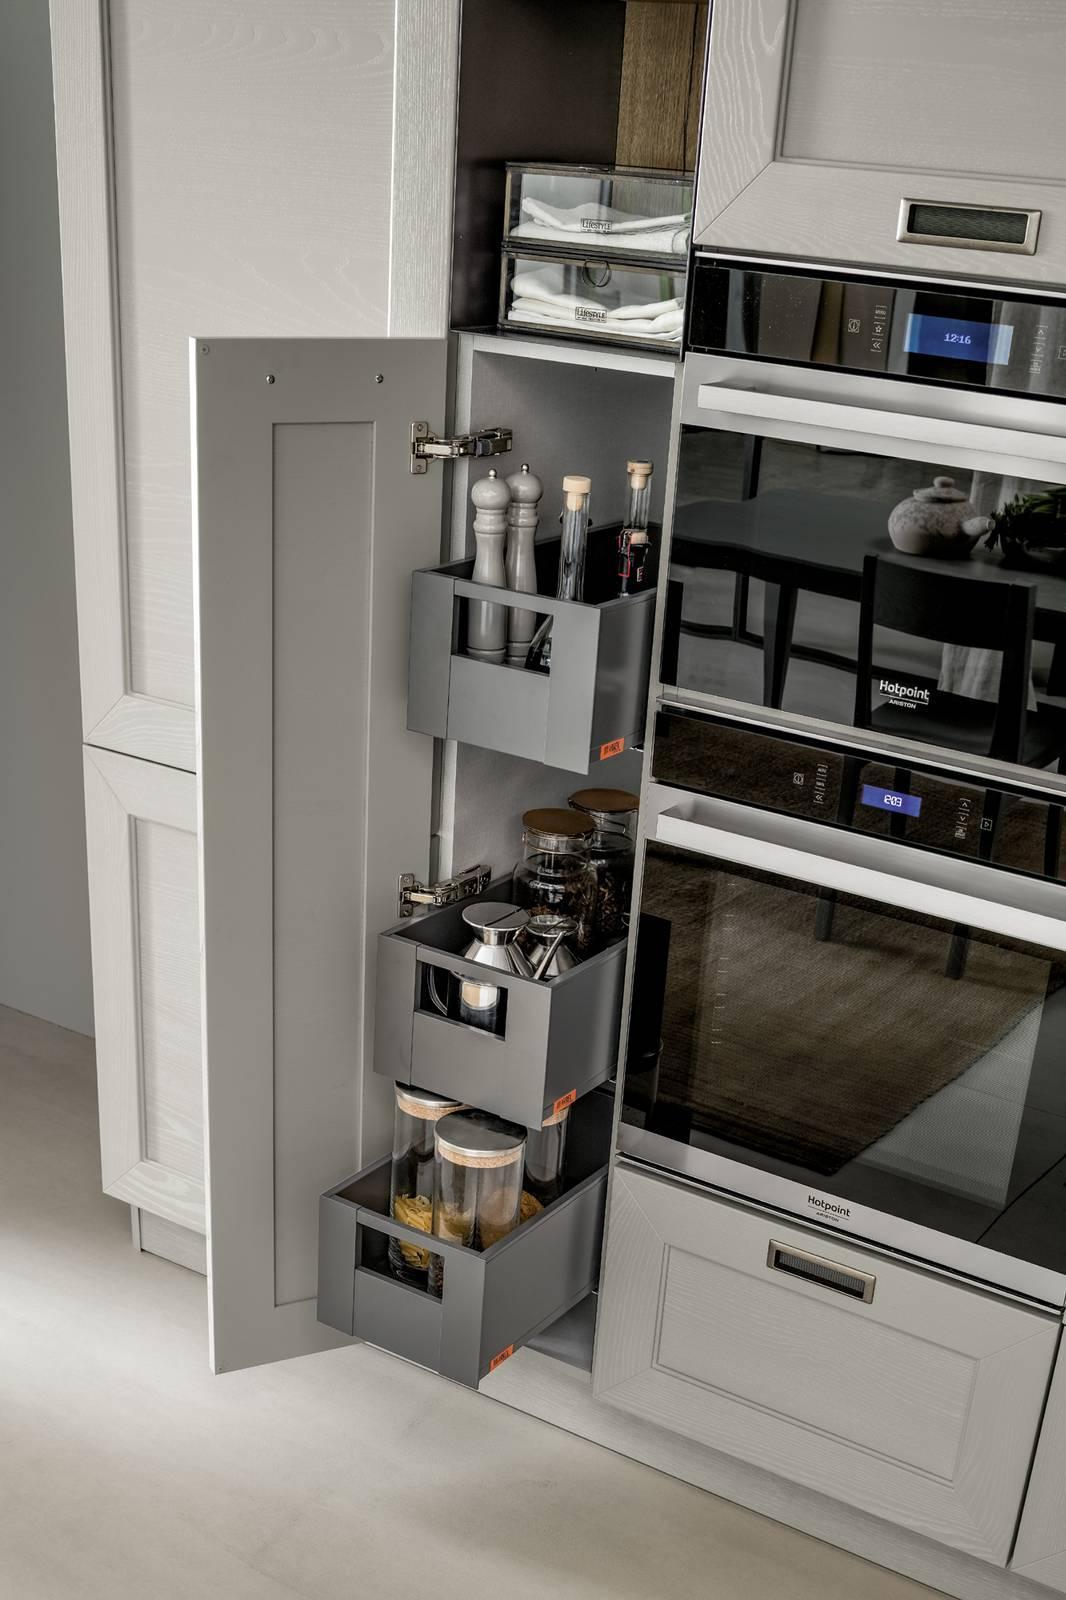 Carrelli estraibili per la cucina: comodità in primo piano - Cose di ...